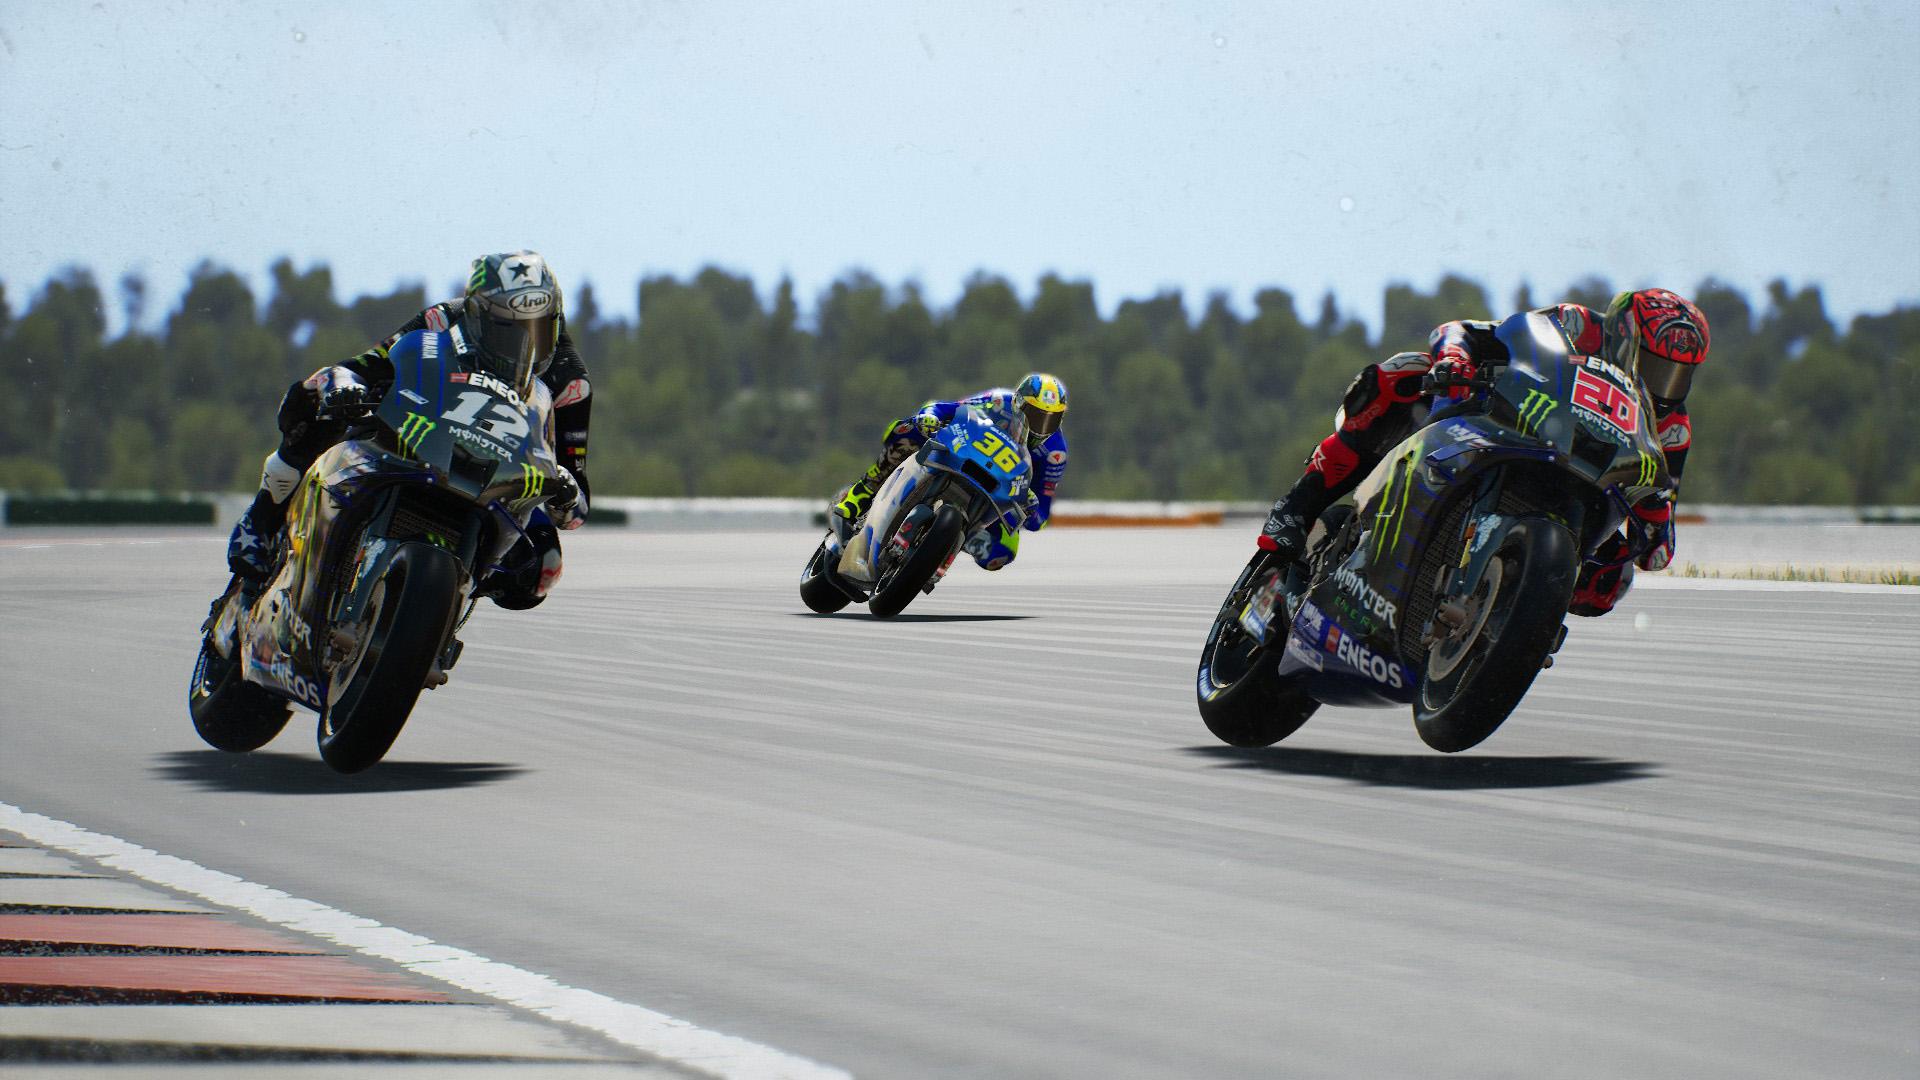 劲爆体育,摩托车,竞赛,速度